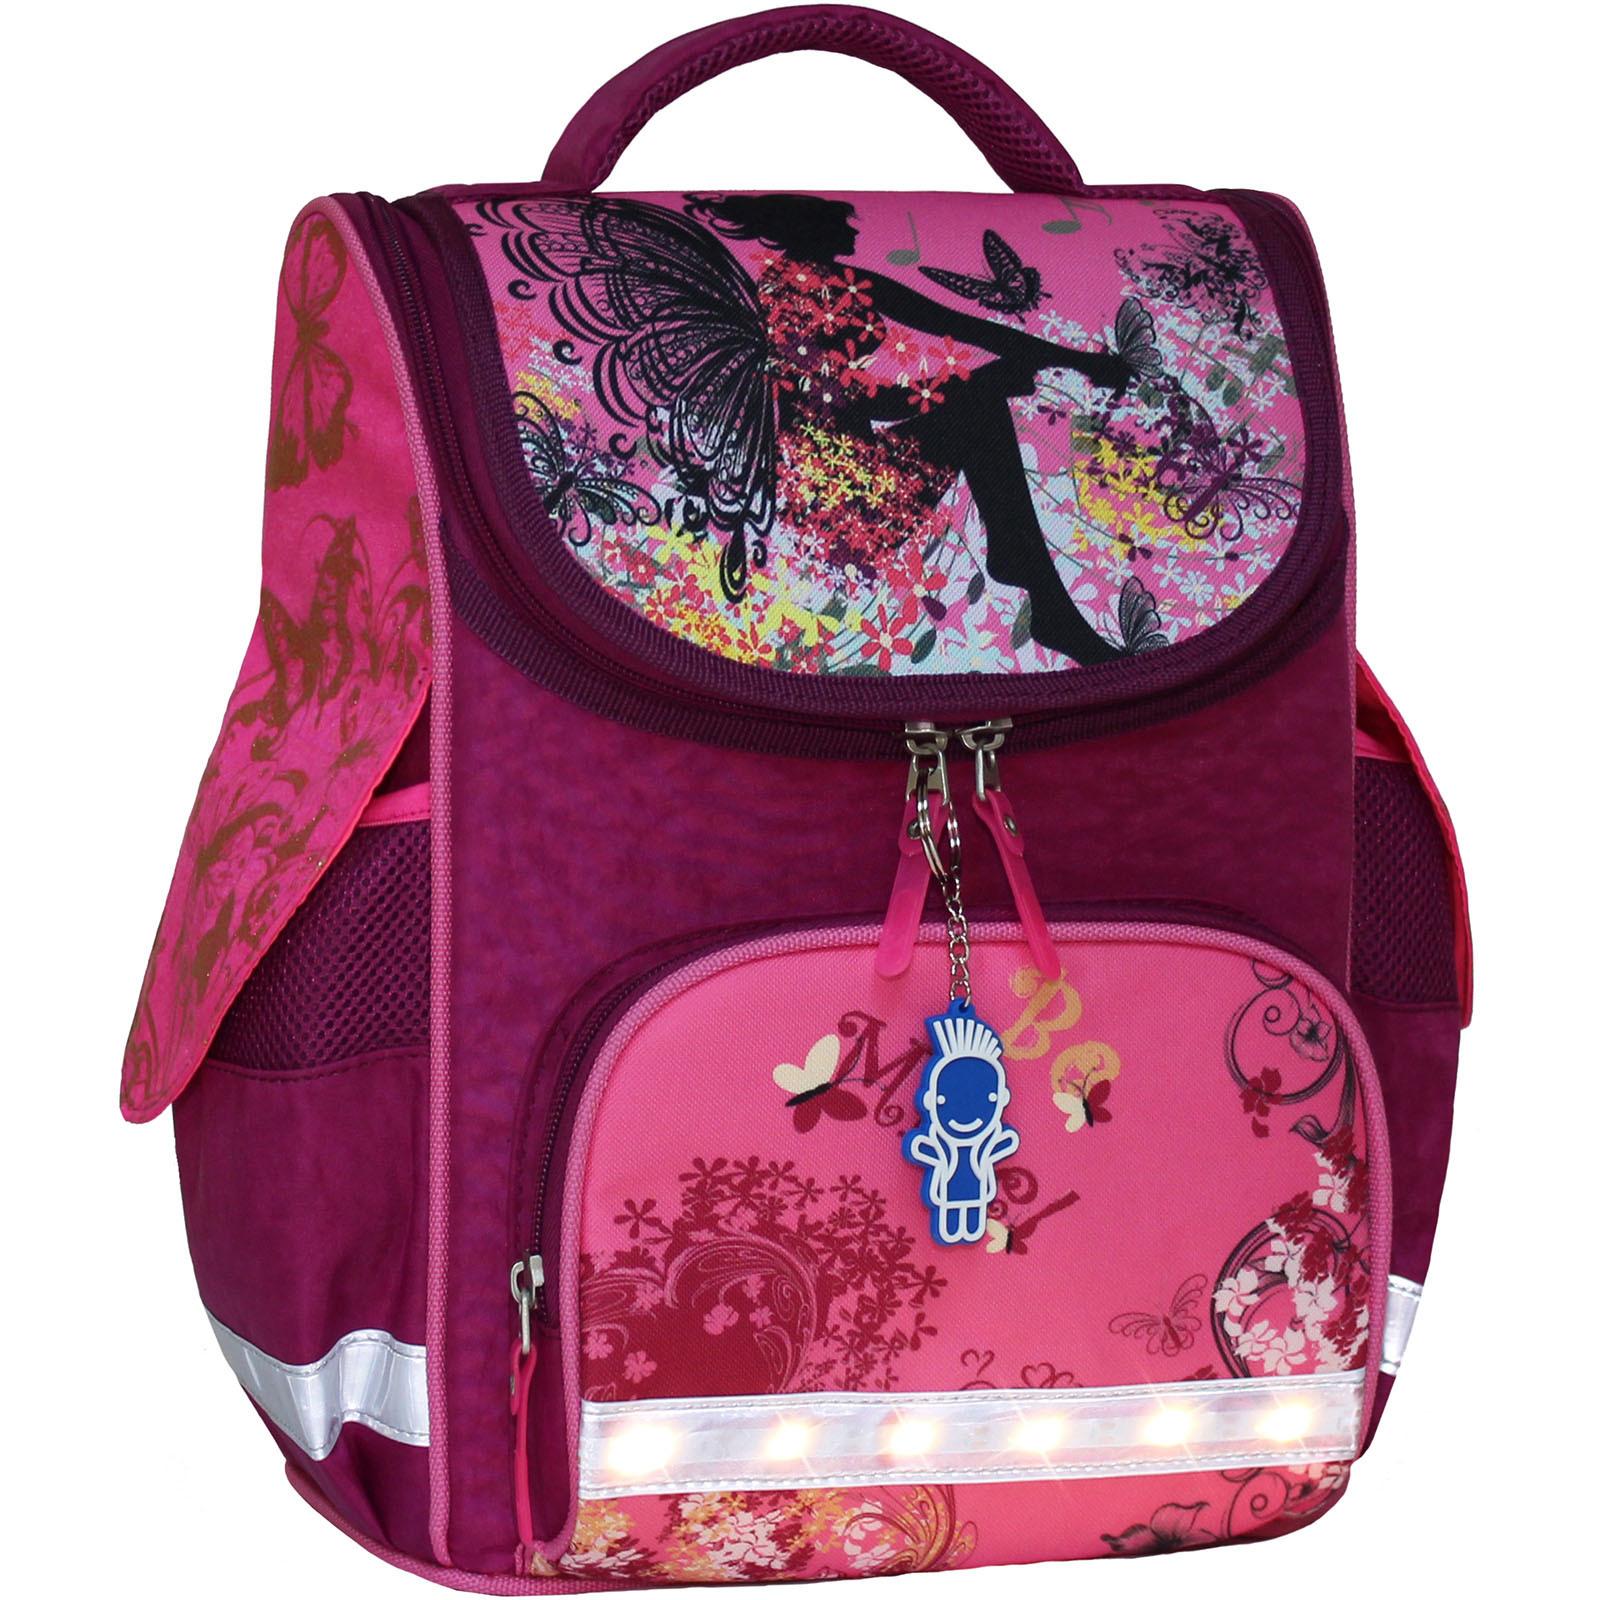 Школьные рюкзаки Рюкзак школьный каркасный с фонариками Bagland Успех 12 л. малиновый 389 (00551703) IMG_7366_2_.jpg